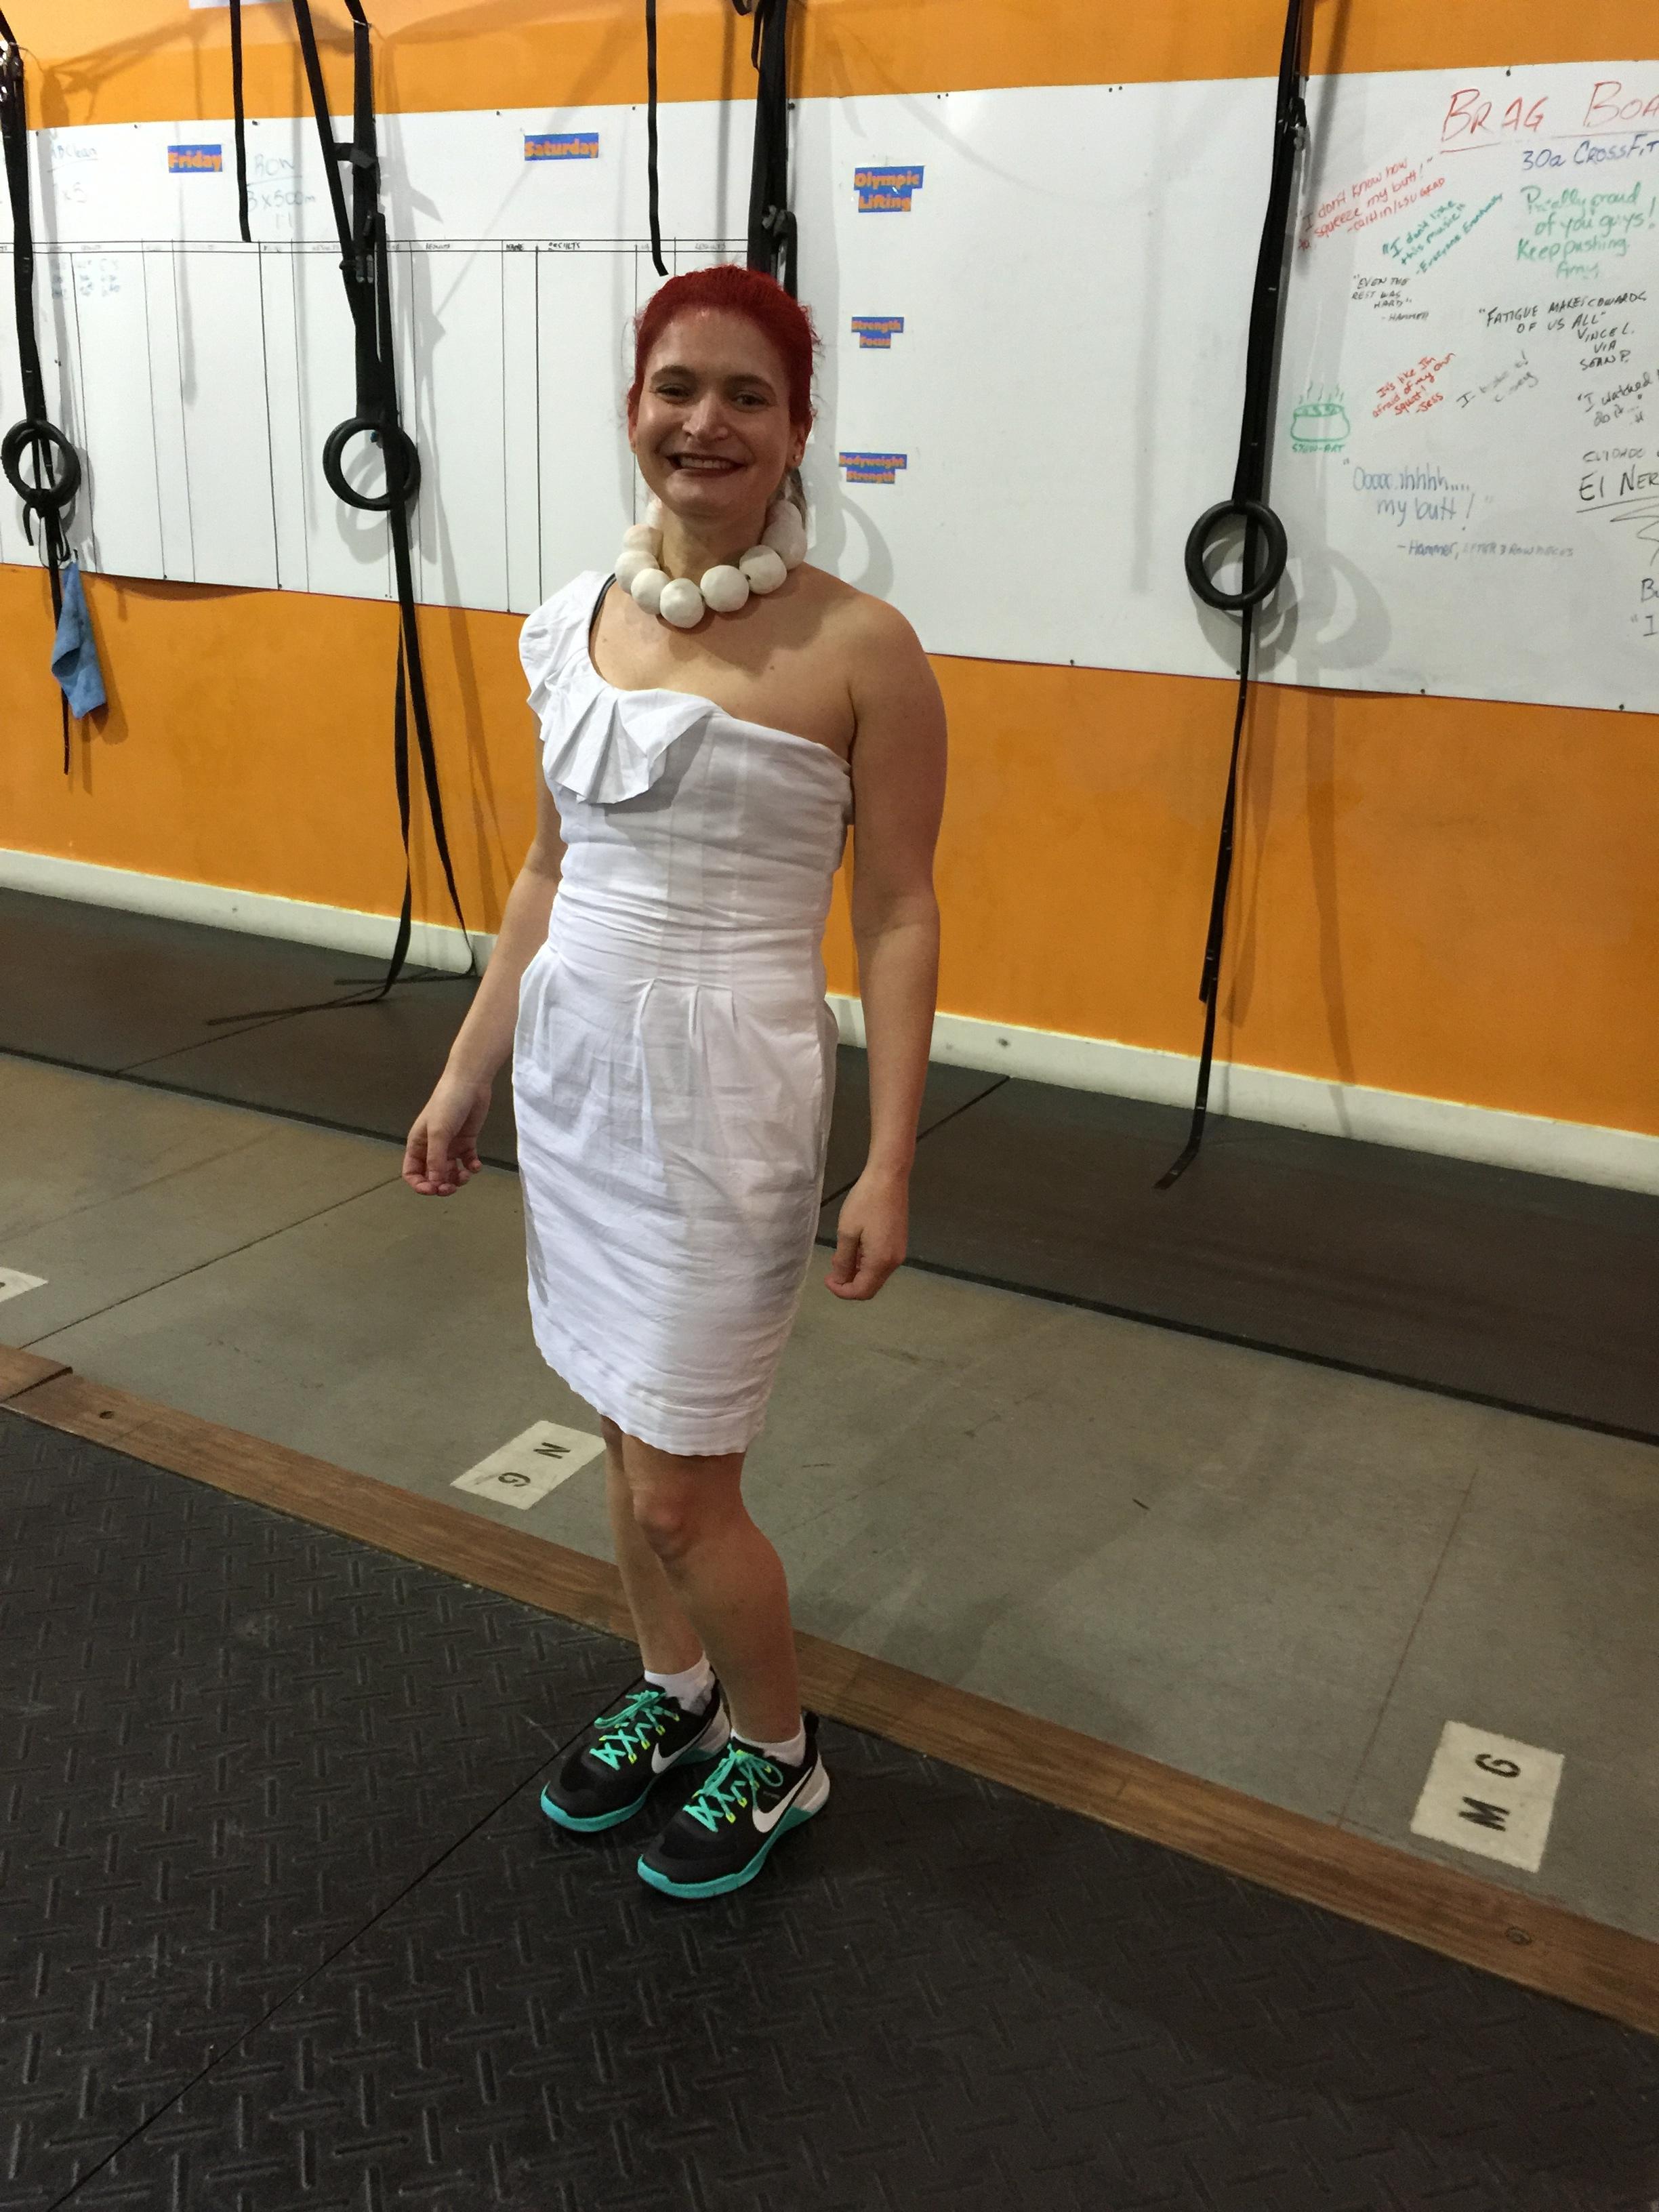 Jess as Wilma Flintstone for Halloween.